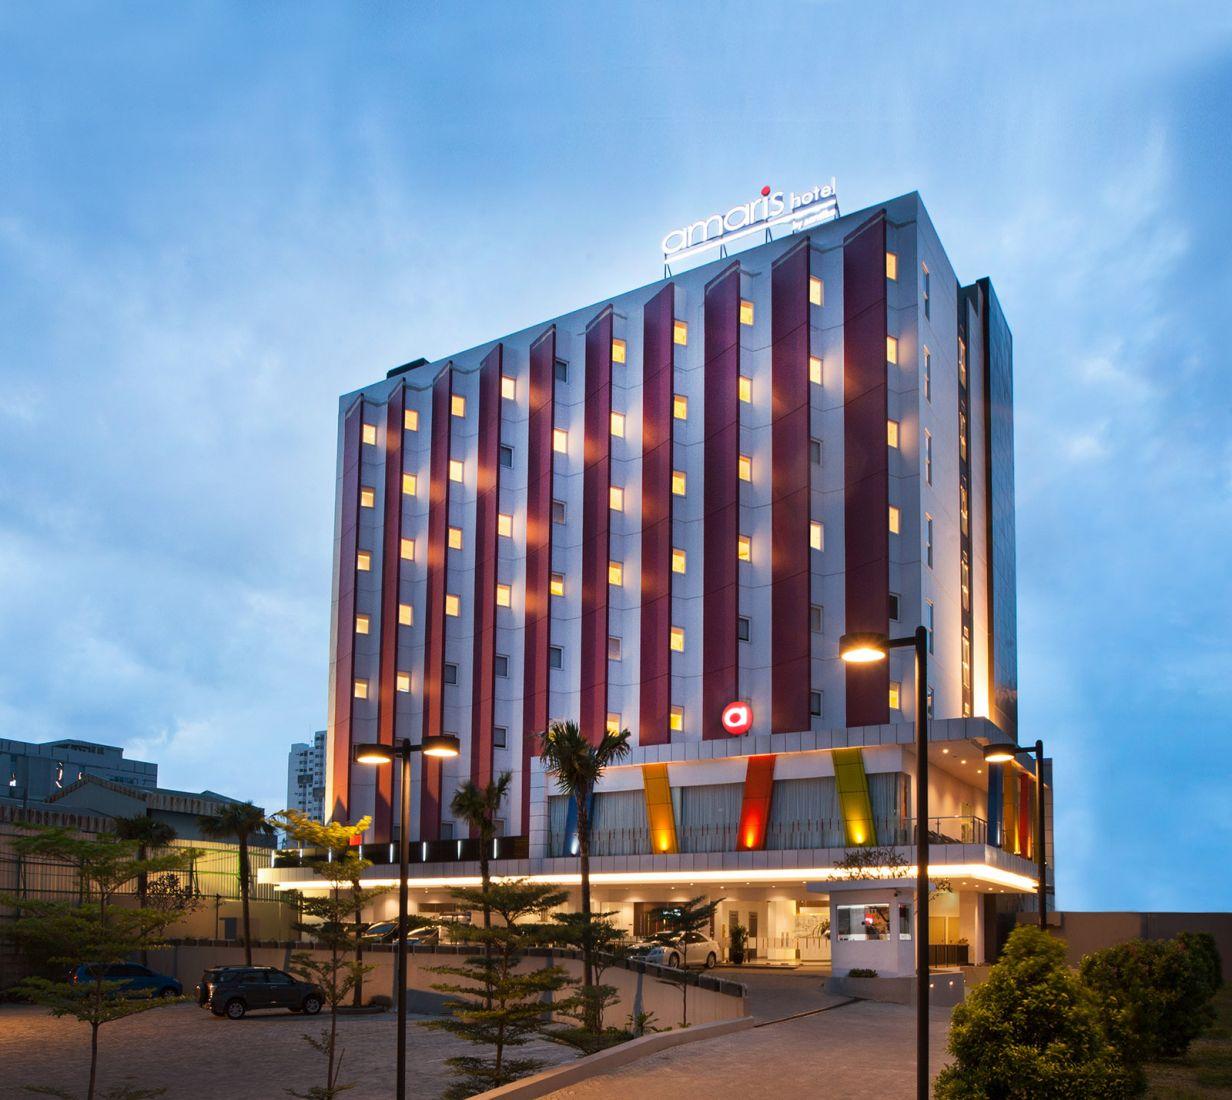 amaris pluit official amaris hotel website rh amarishotel com